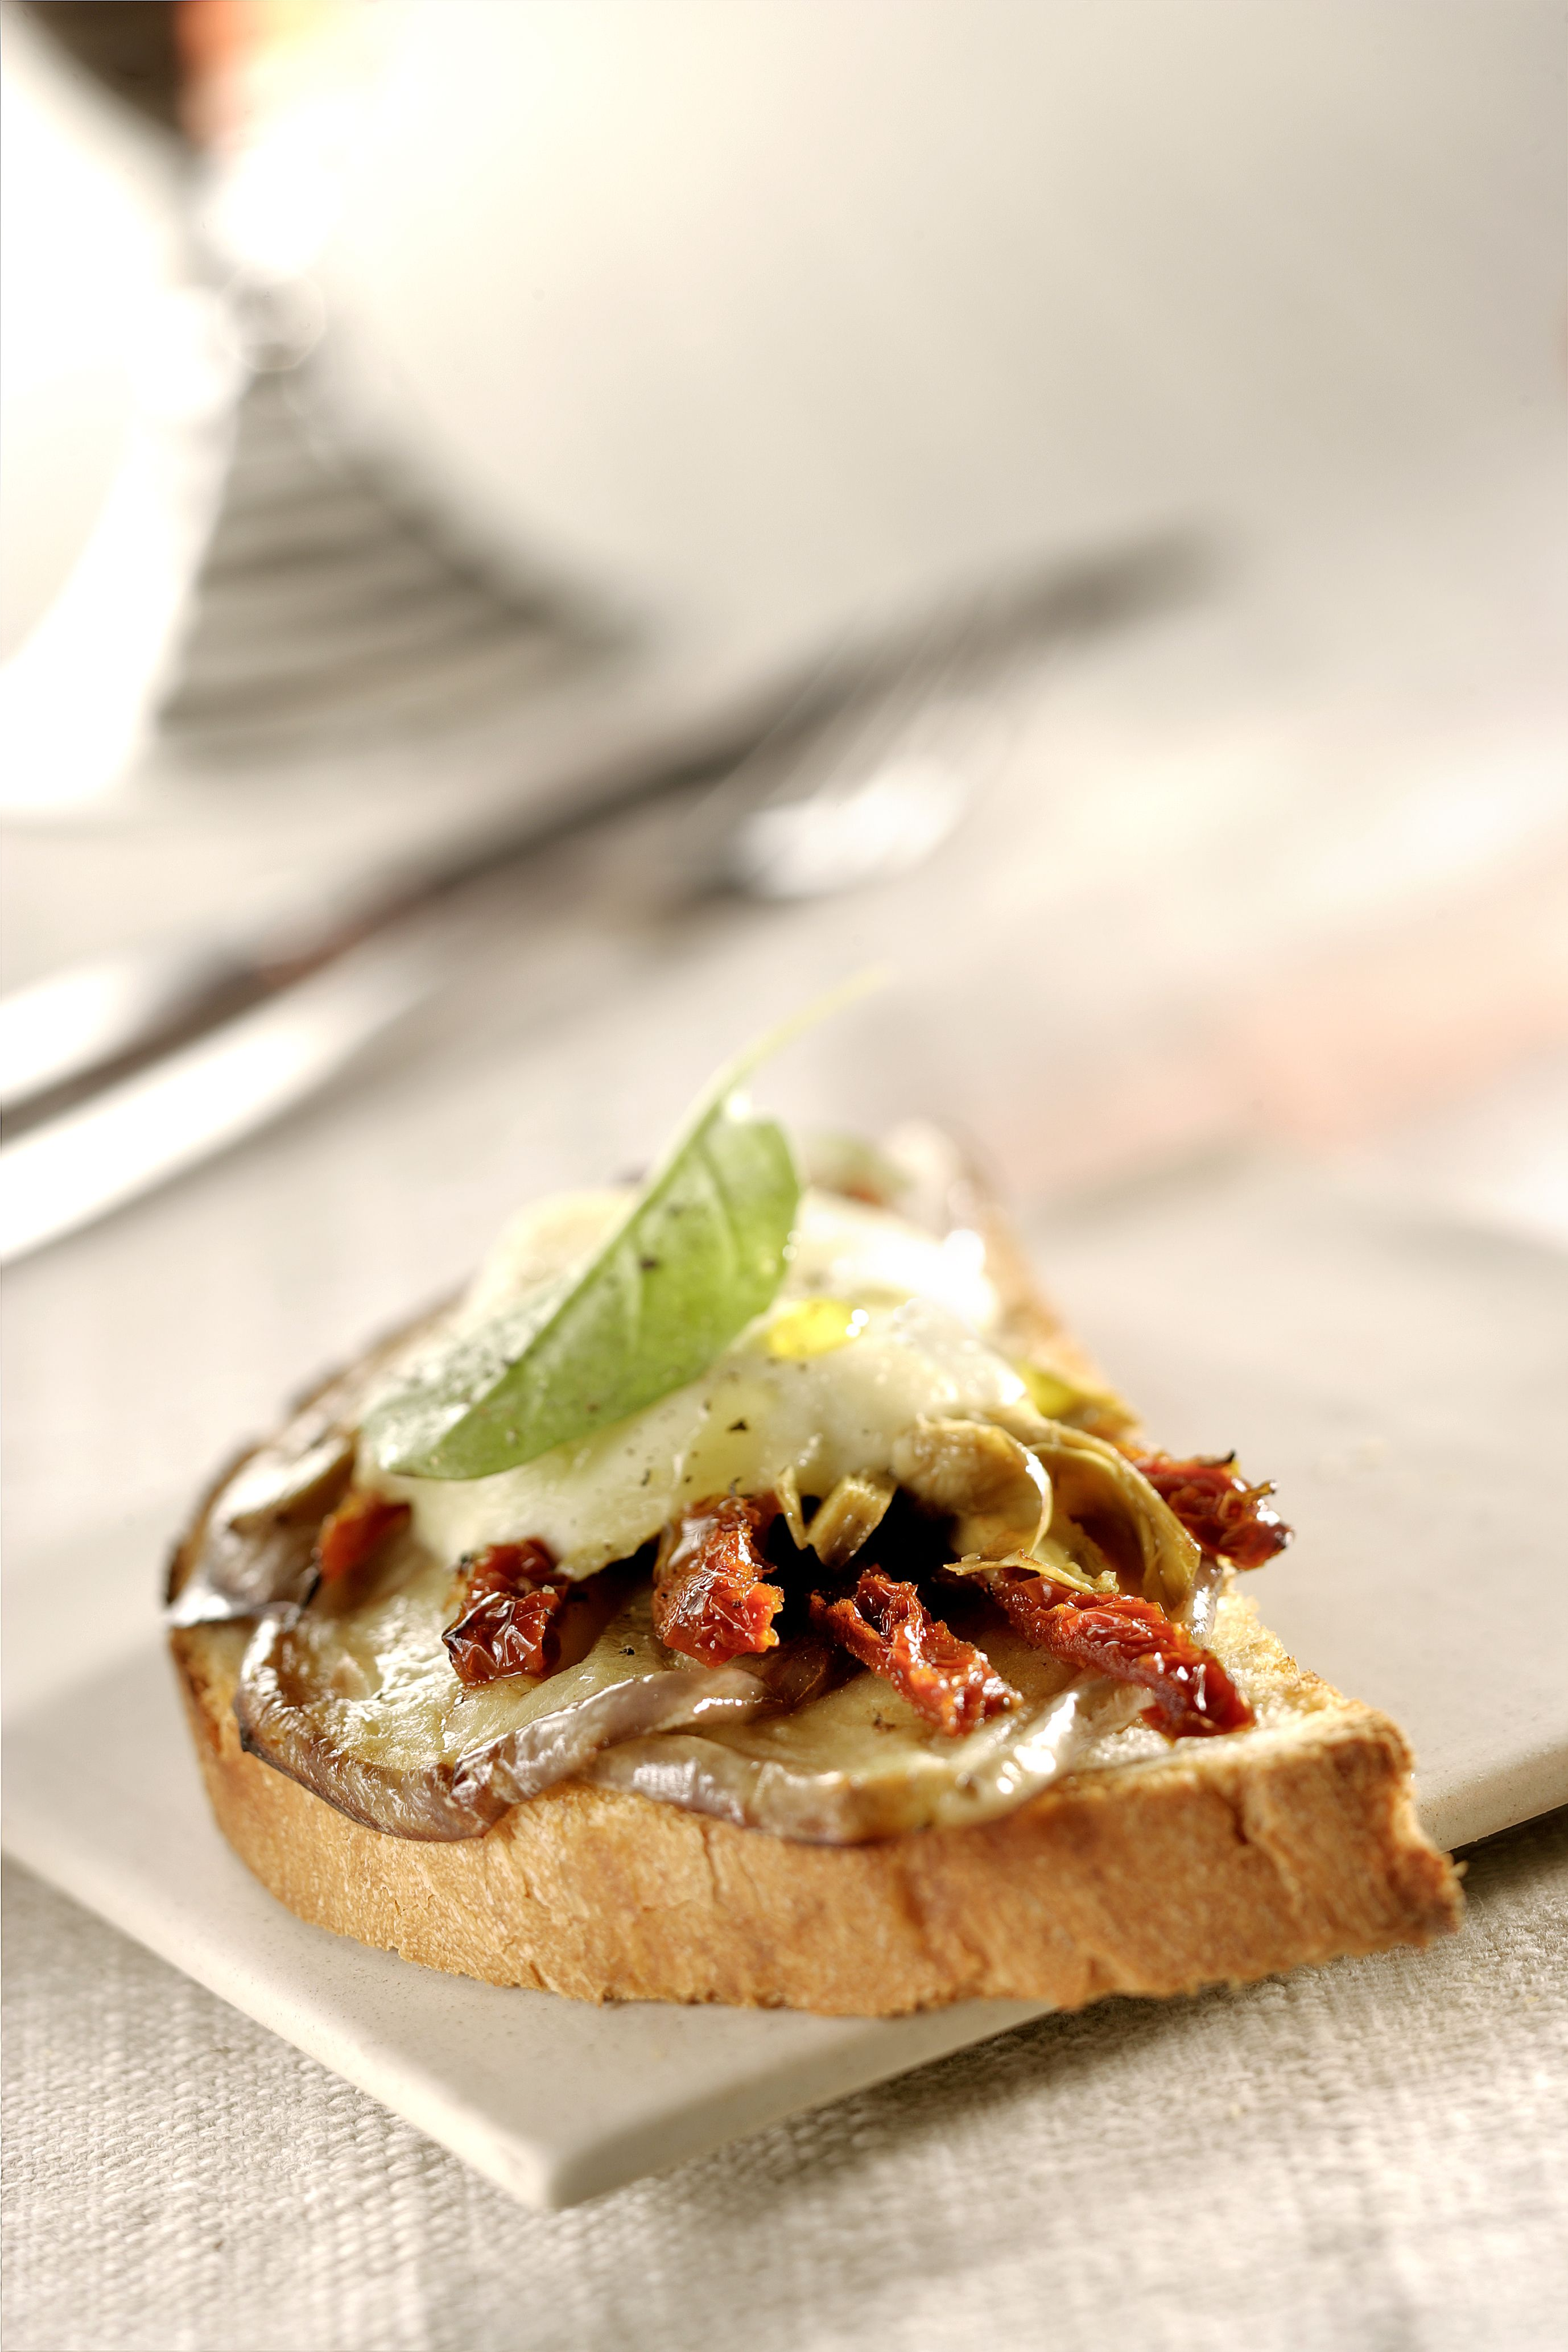 tartine a l italienne cooklook photo recette cuisine et photographies recettes cuisine gourmande